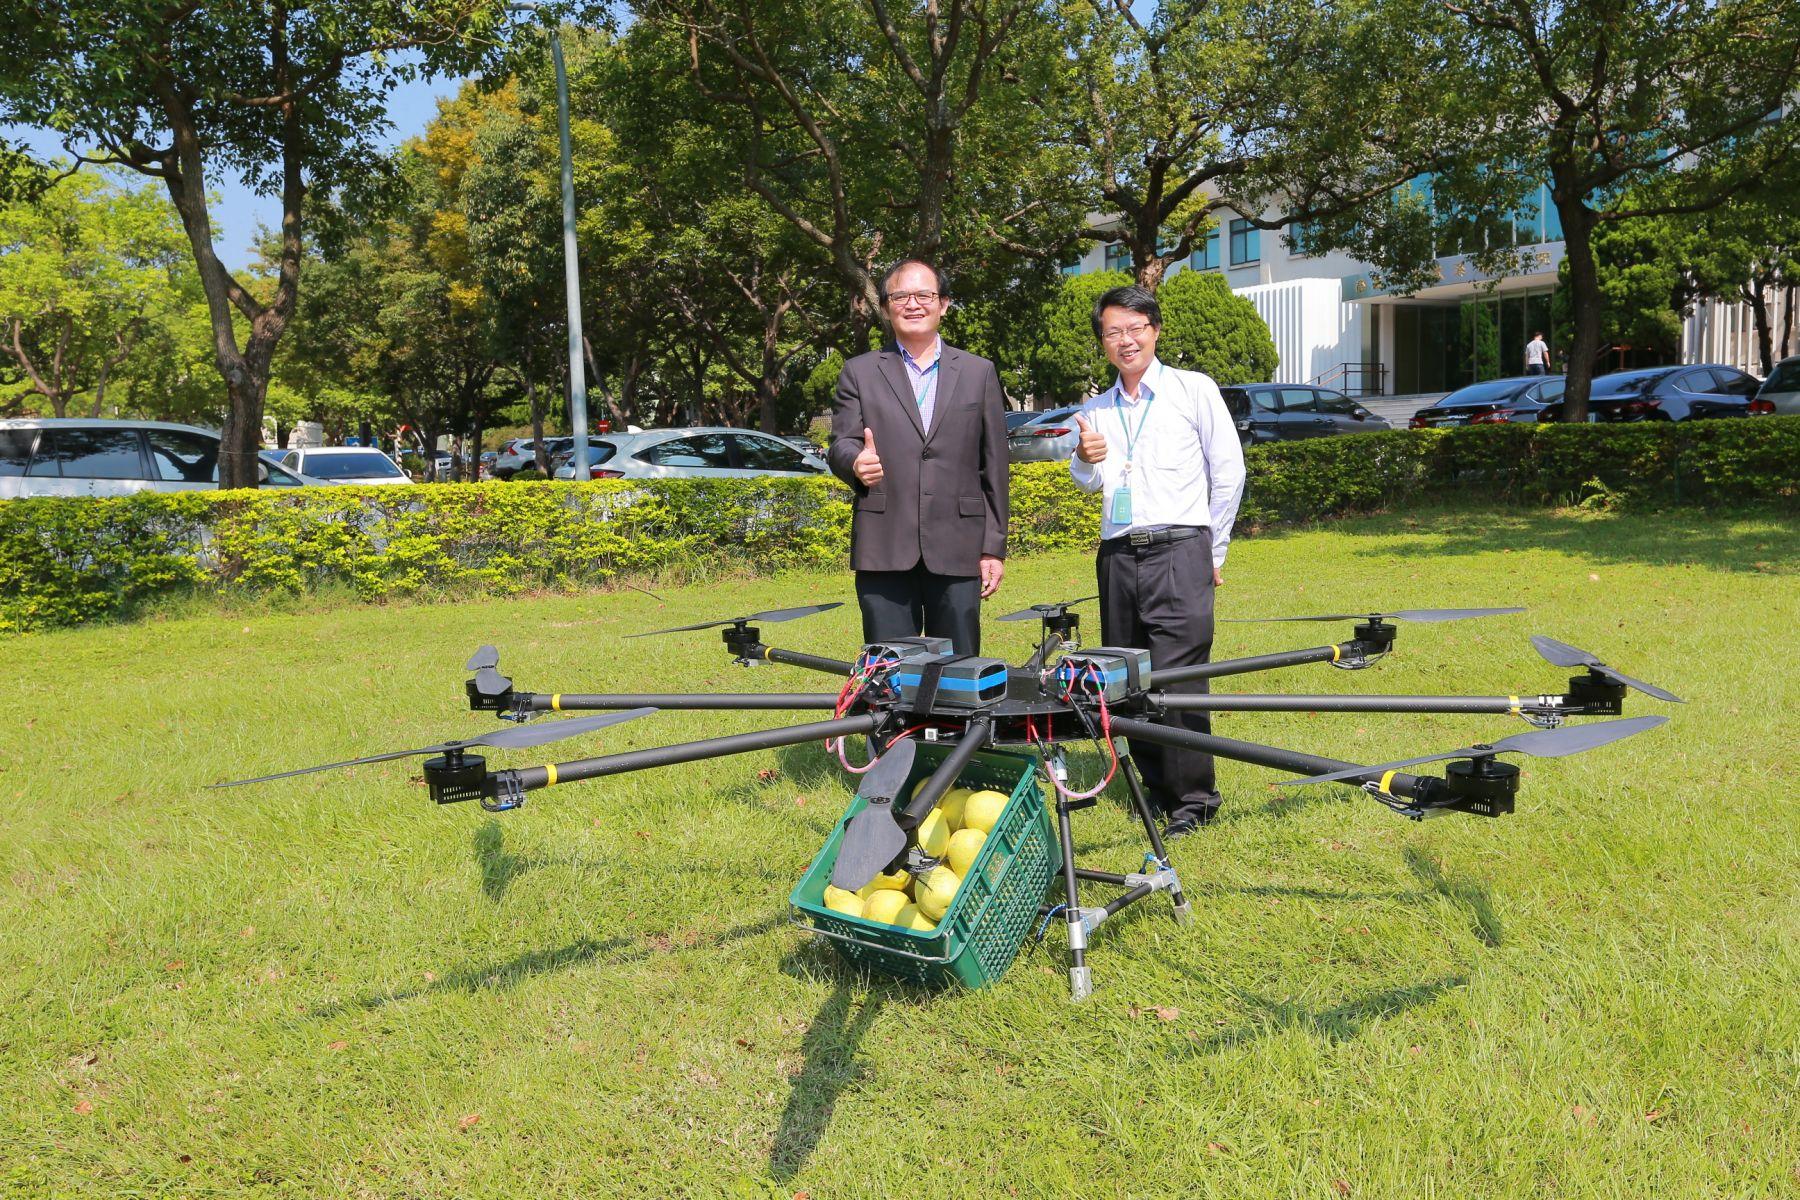 工研院高負載高續航無人機入圍杜拜國際無人機競賽,左起為工研院機械所胡竹生所長和工研院機械所彭文陽組長。